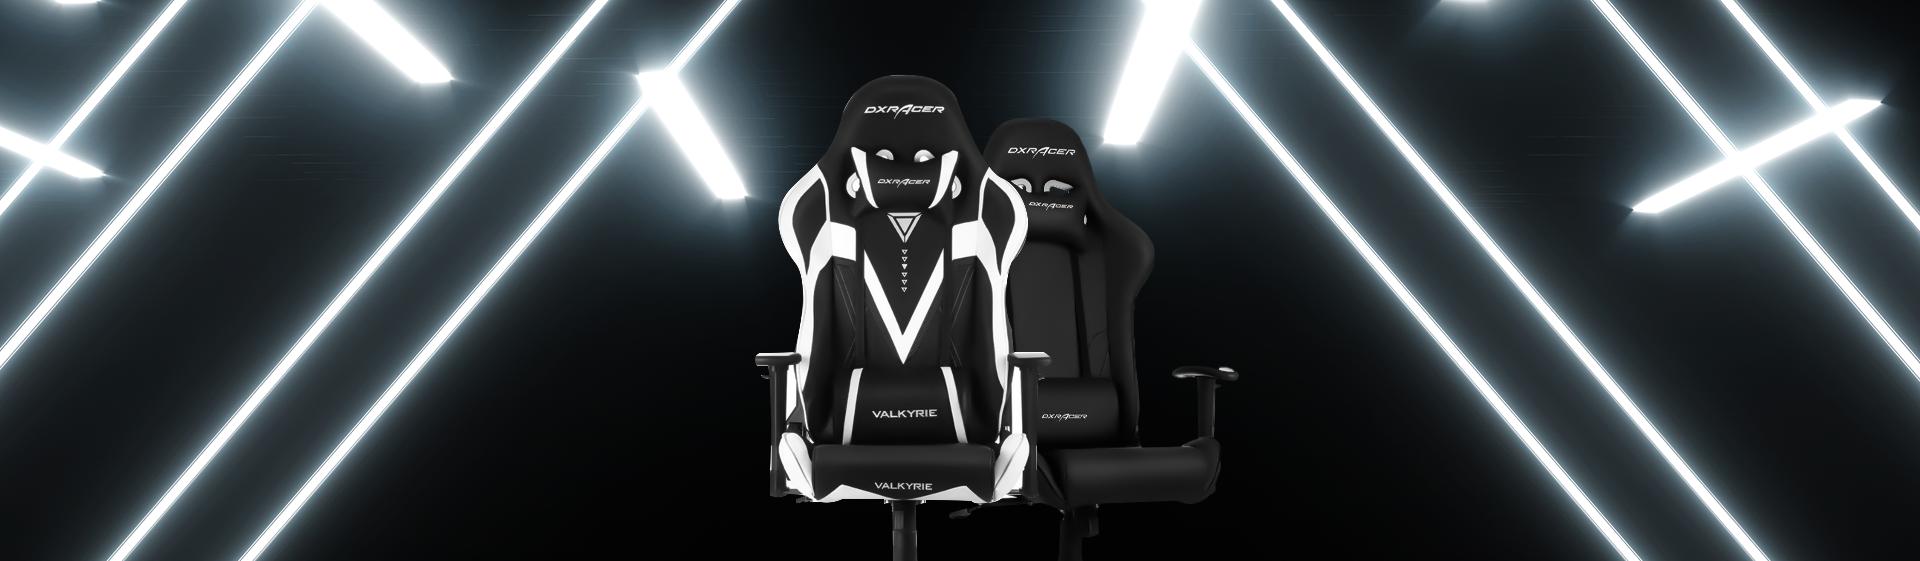 Duas cadeiras gamer DXRacer no fundo preto